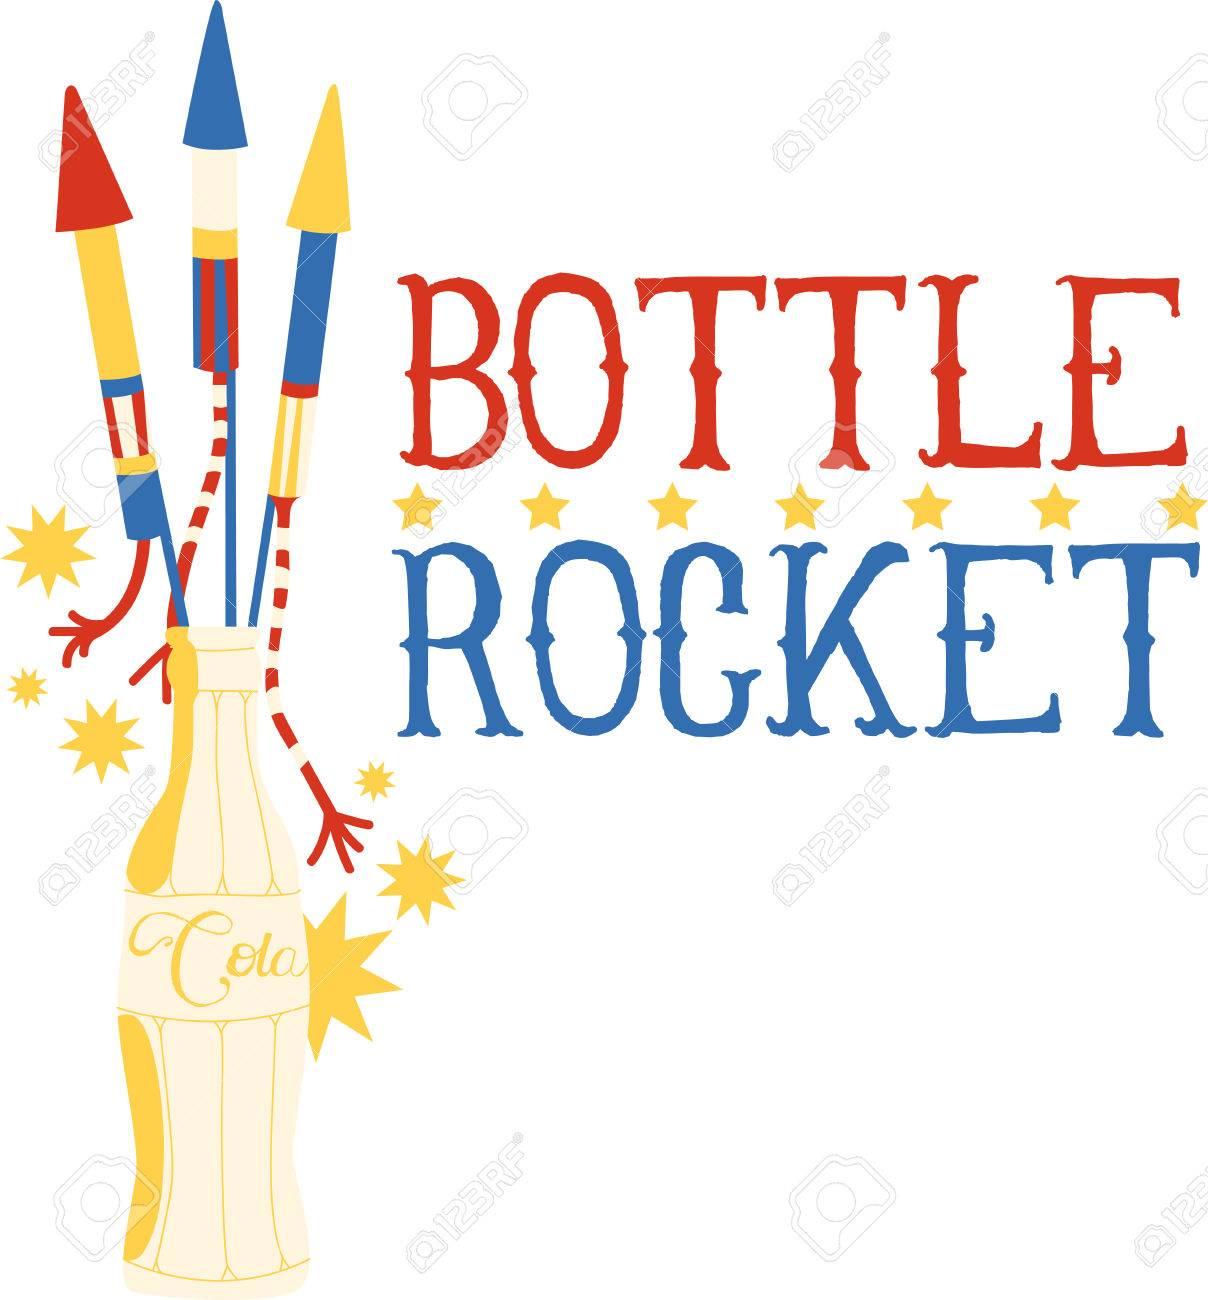 Un Cohete De Botella Puede Ser Divertido Y Fácil De Hacer. Disfrute ...